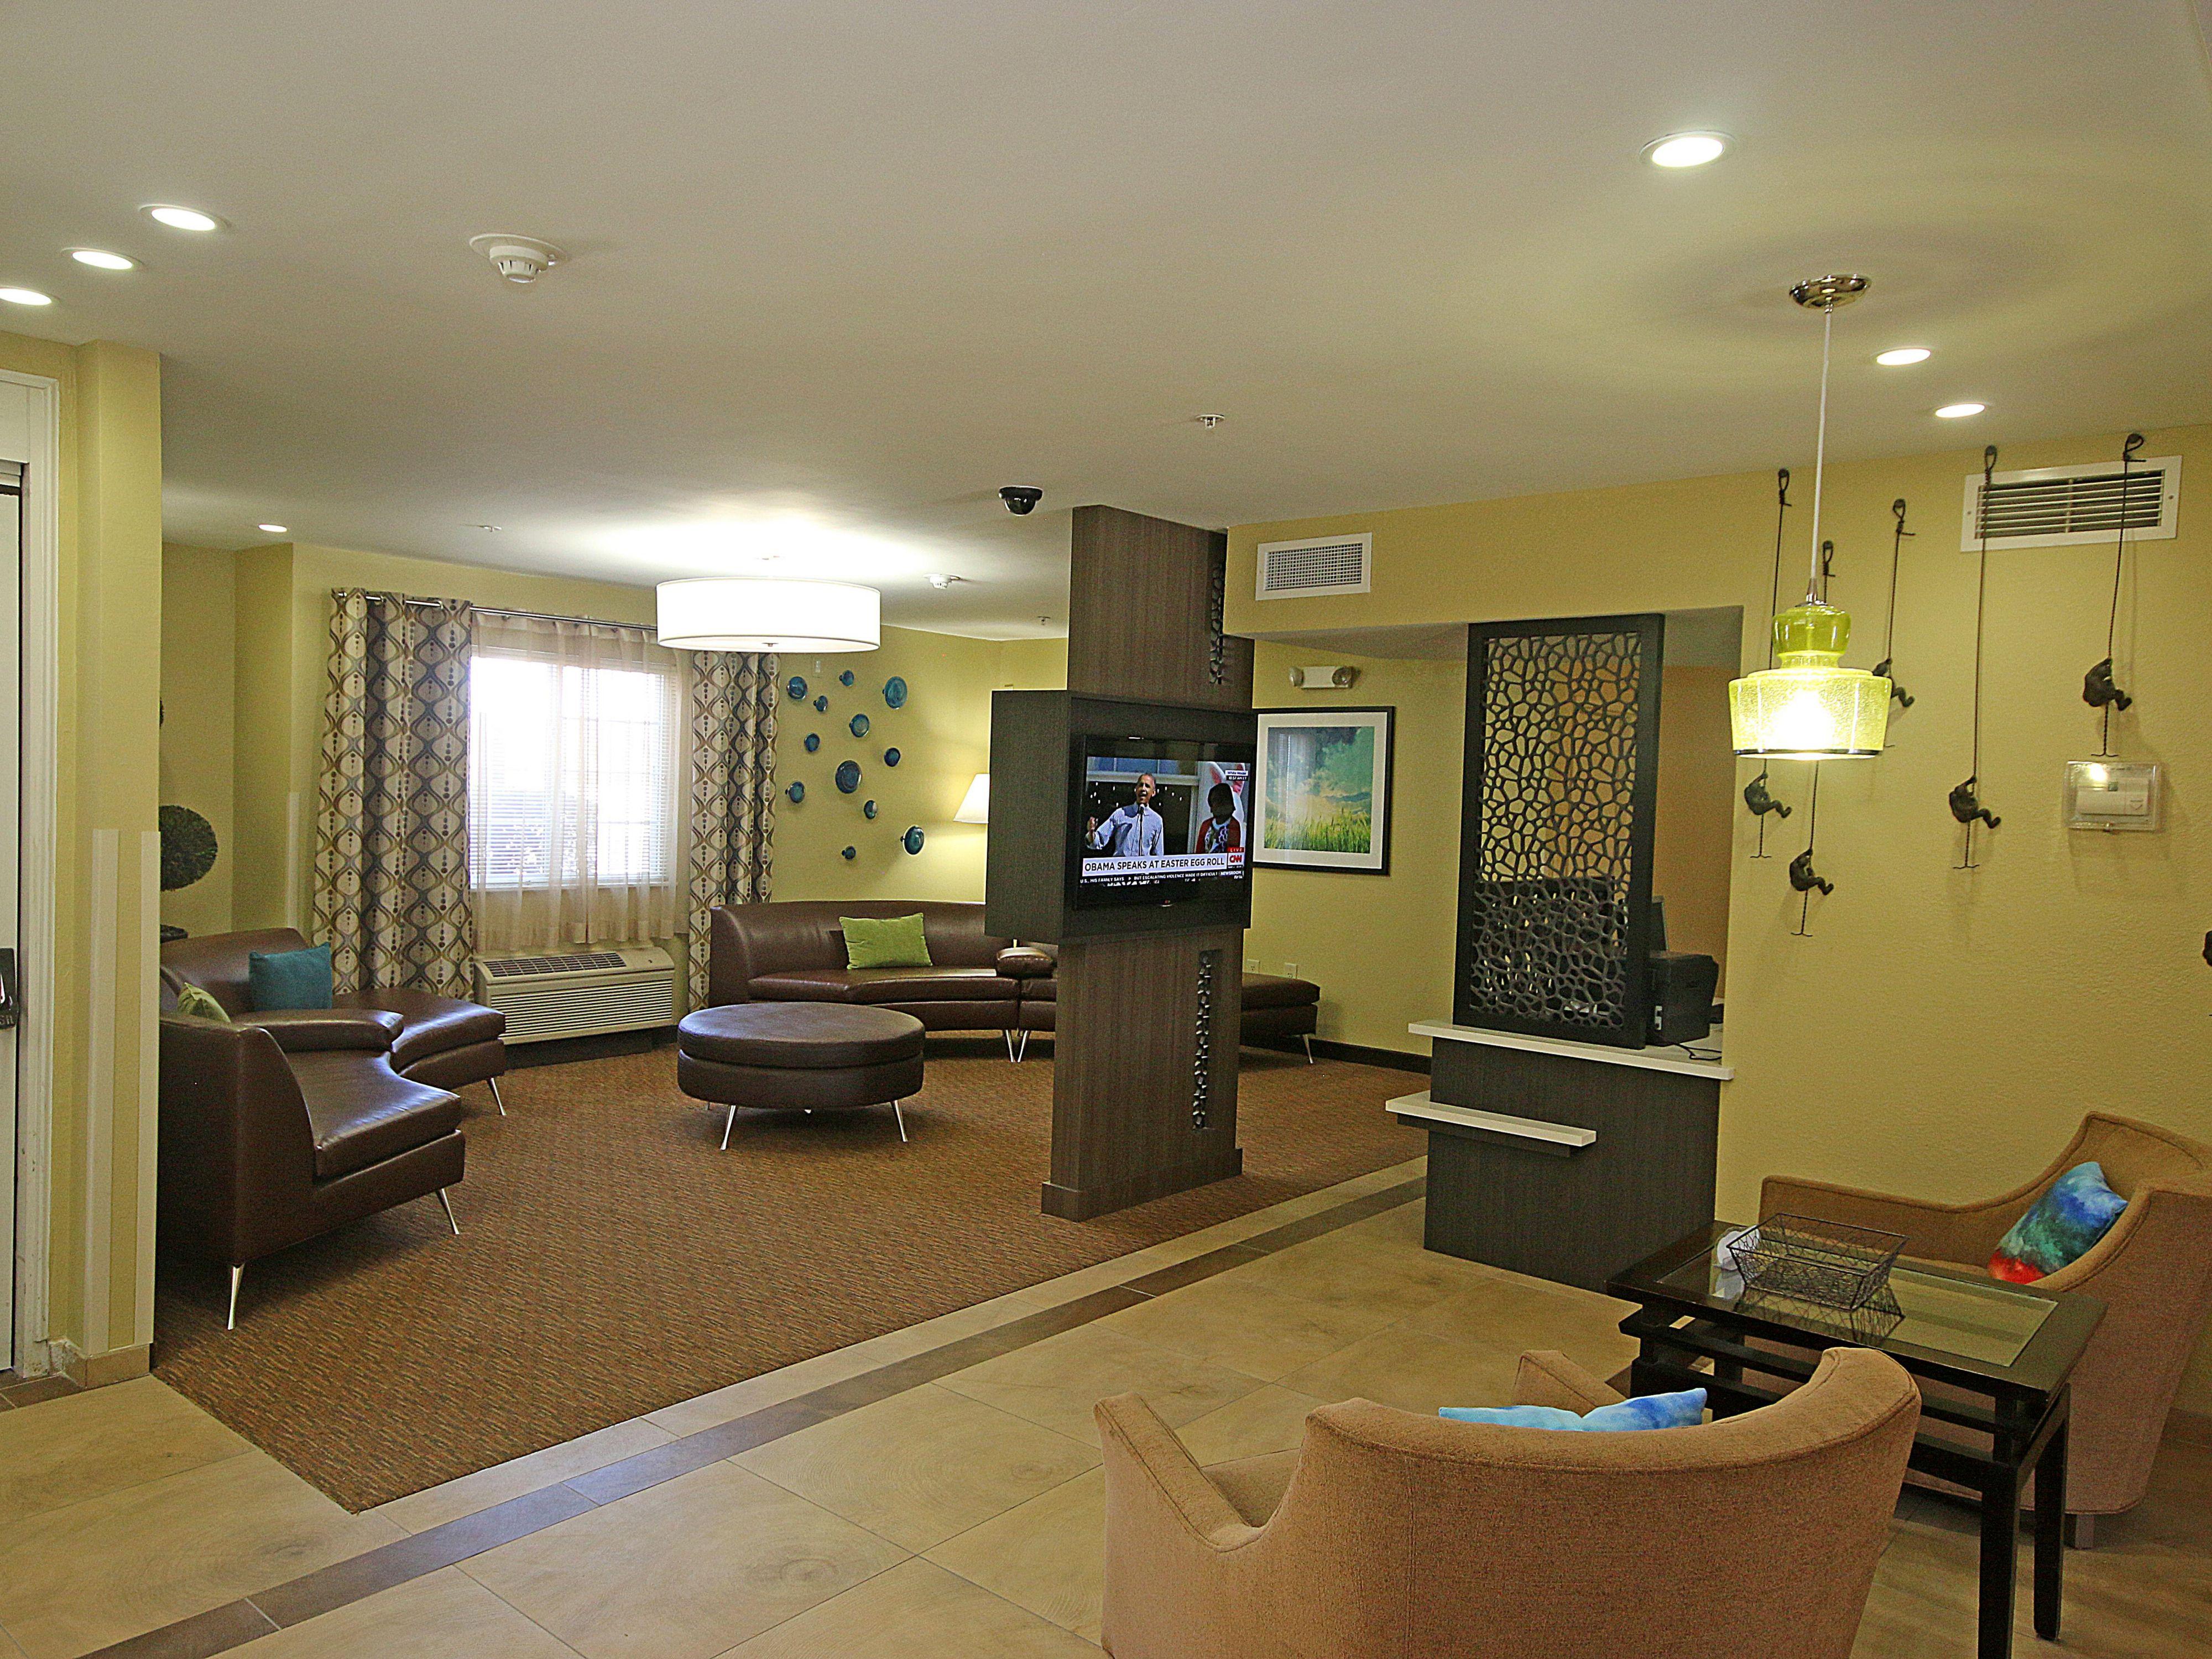 Hotels Near Busch Gardens in Williamsburg, Virginia